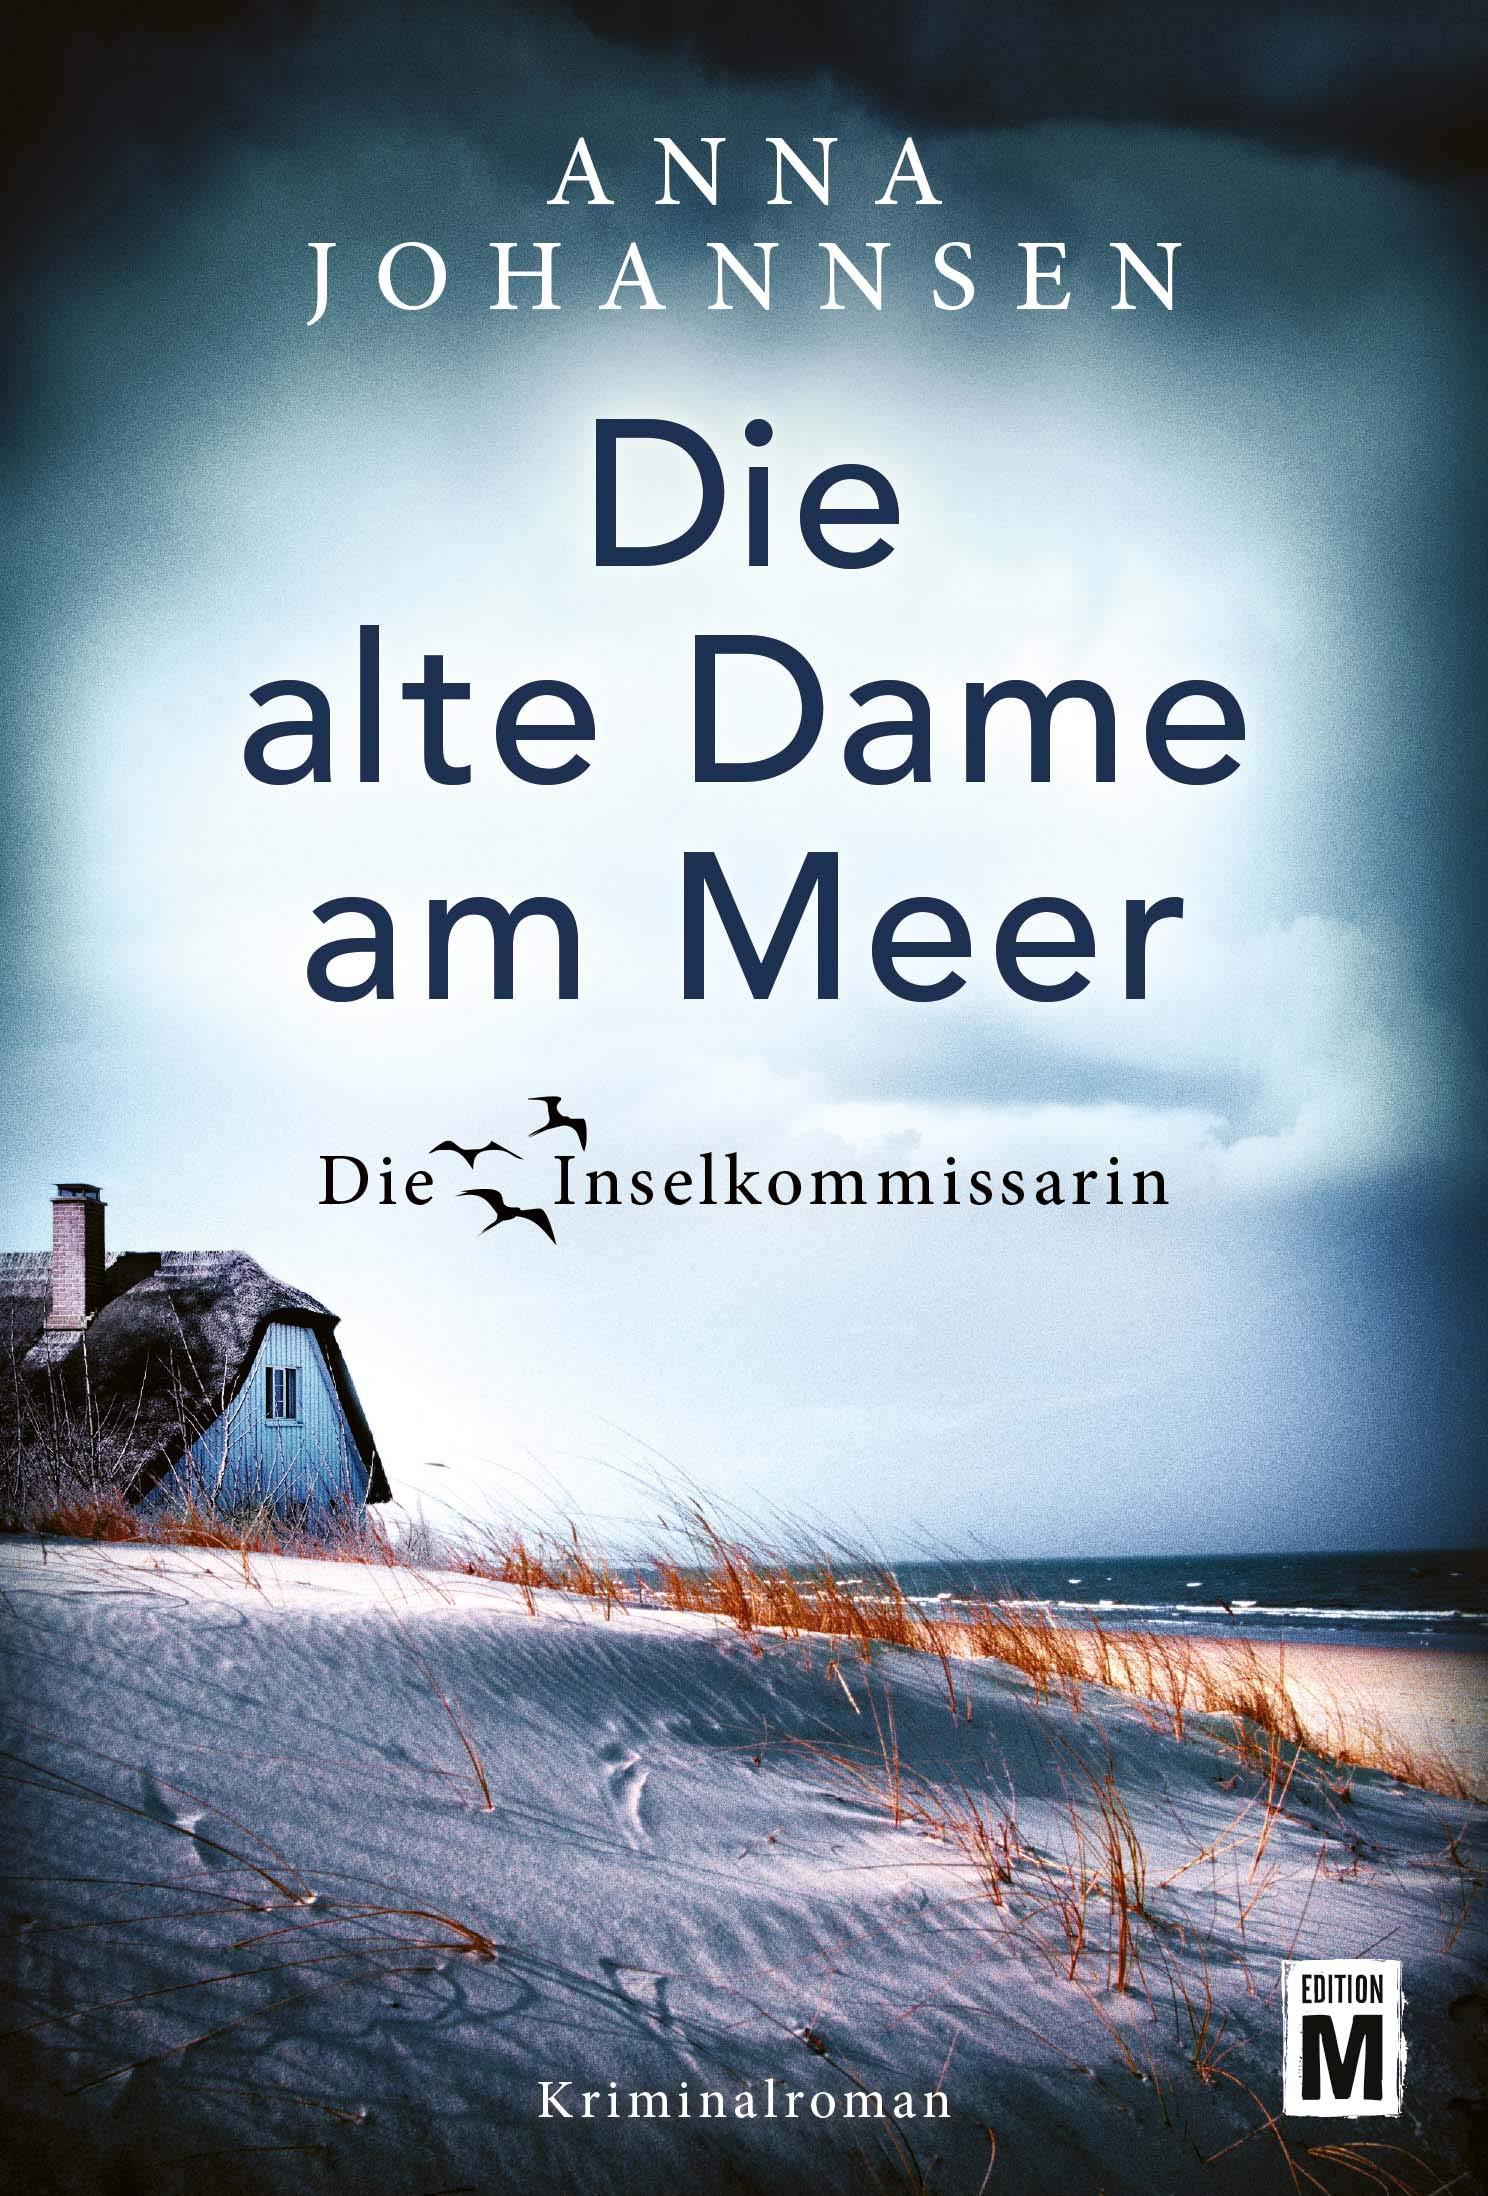 Die alte Dame am Meer (Die Inselkommissarin, Band 3) Taschenbuch – 20. November 2018 Anna Johannsen Edition M 2919804405 TB/Belletristik